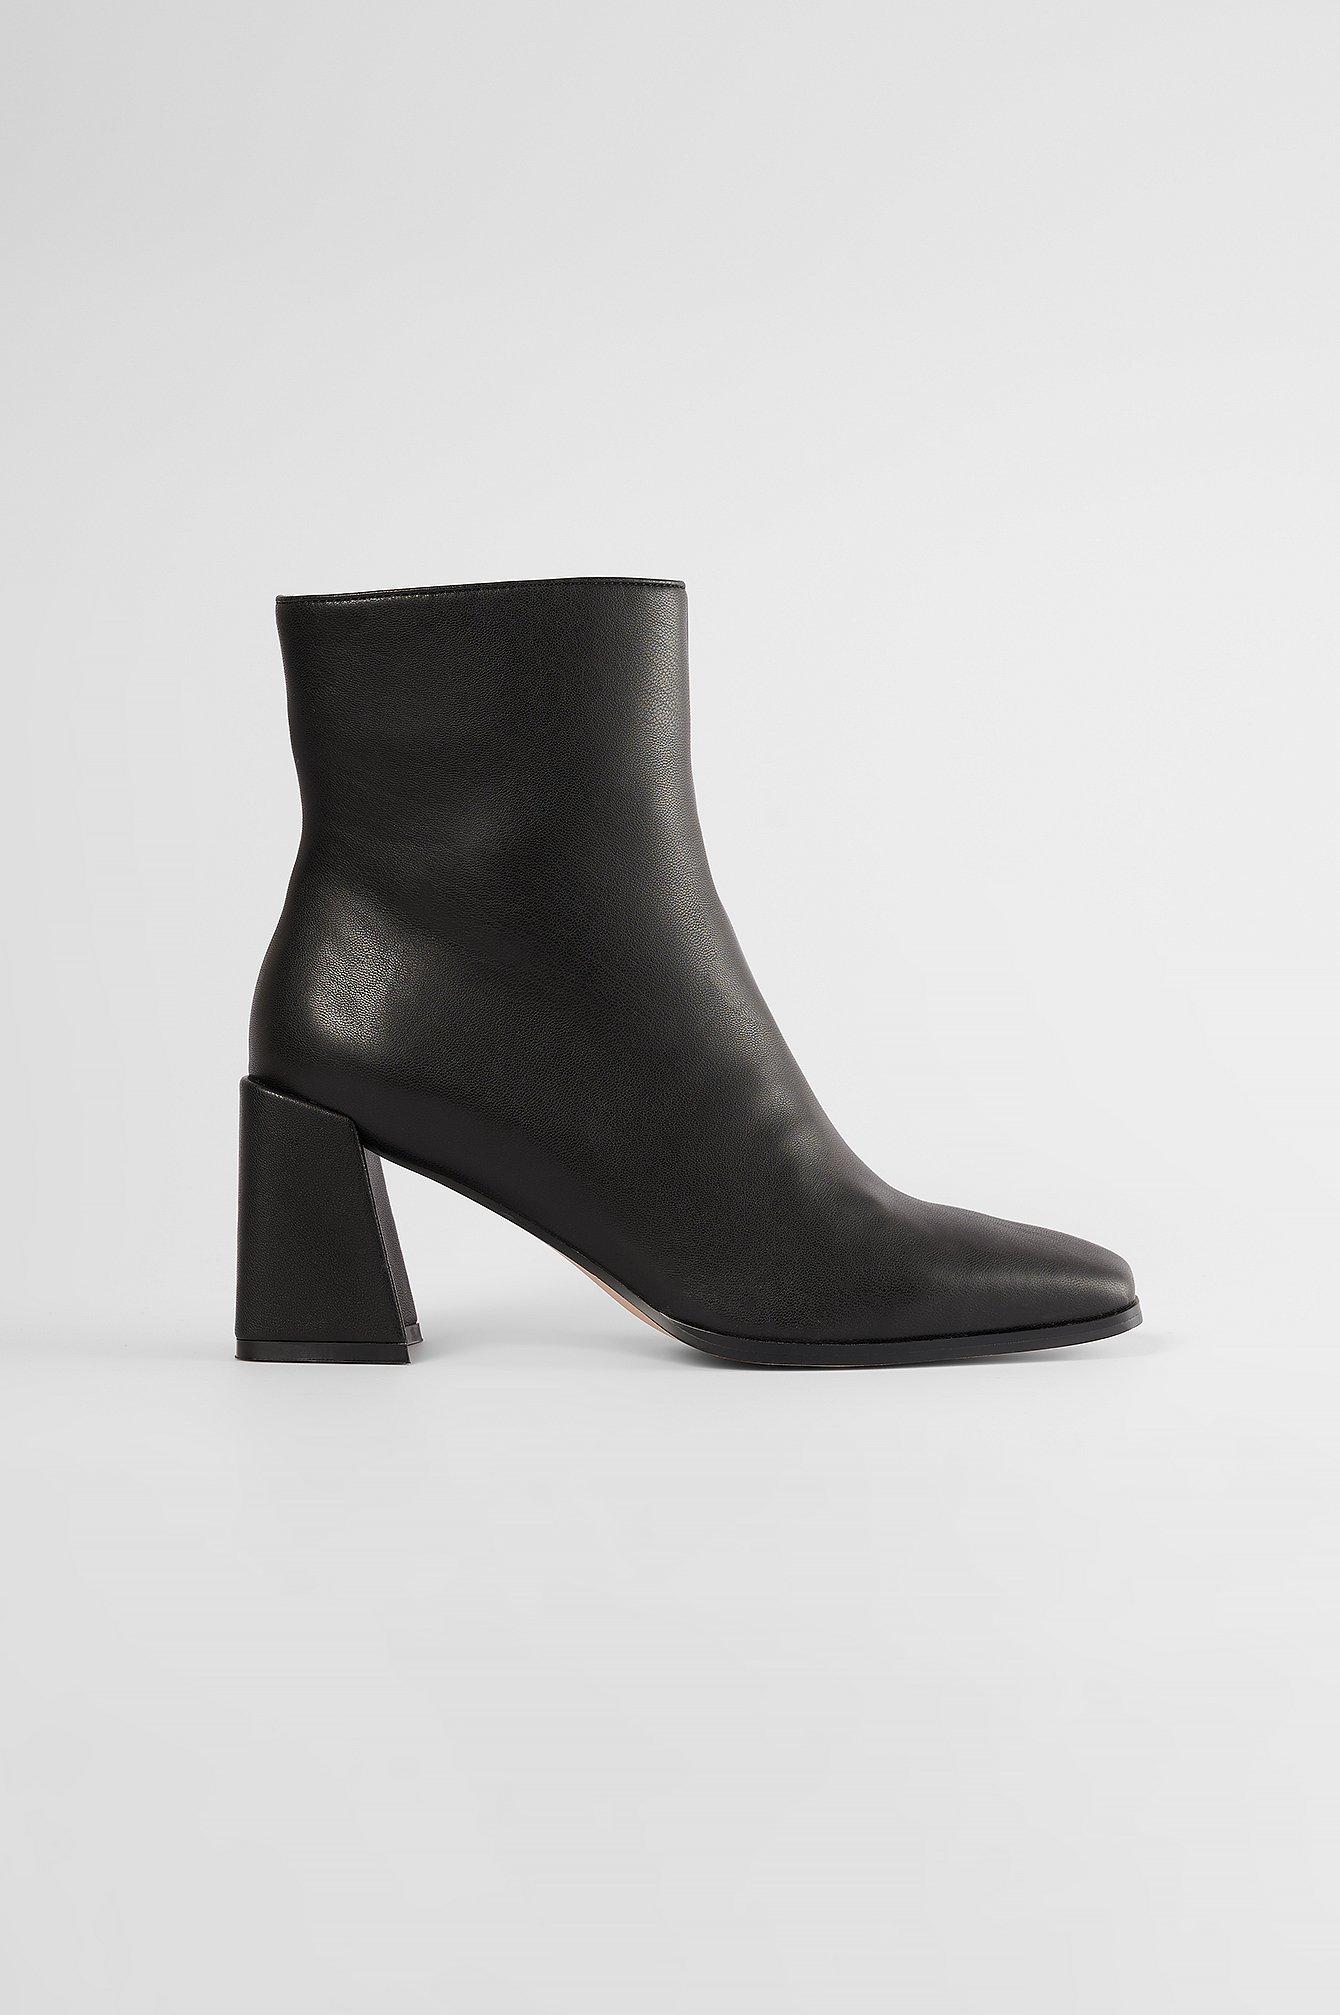 The Fashion Fraction x NA-KD Støvler Med Firkantet Tå - Black